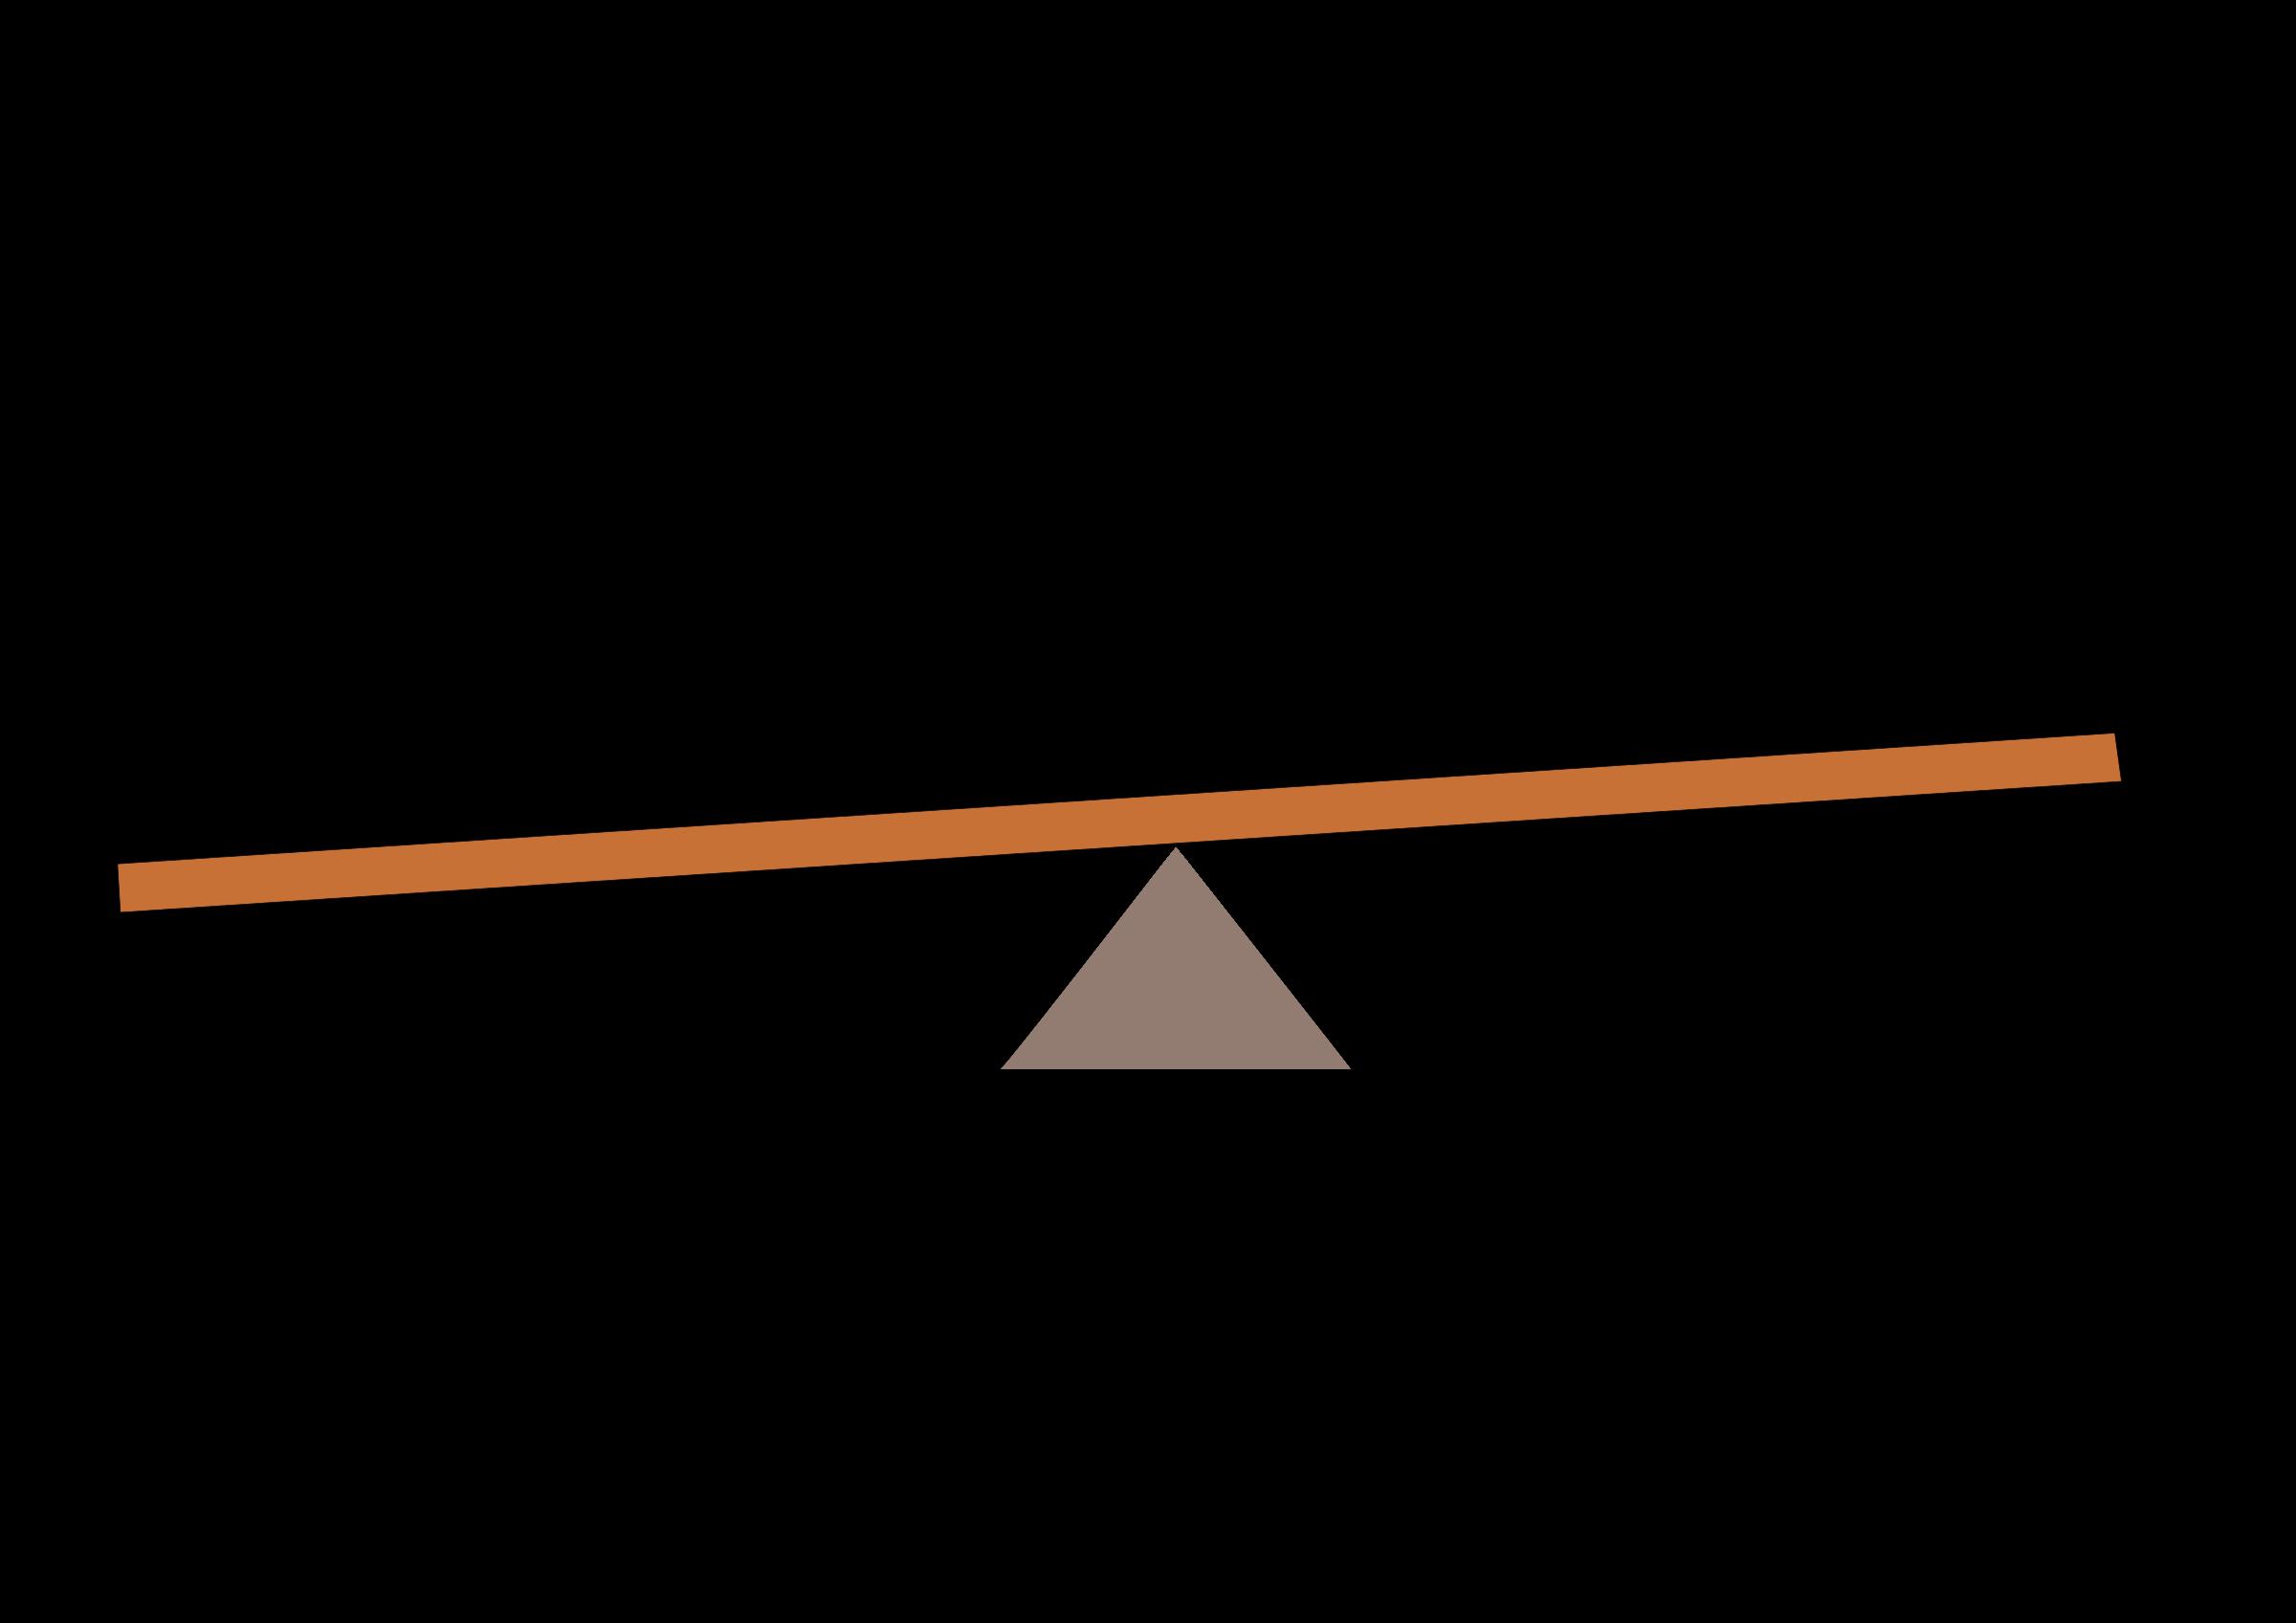 Clipart - Balance